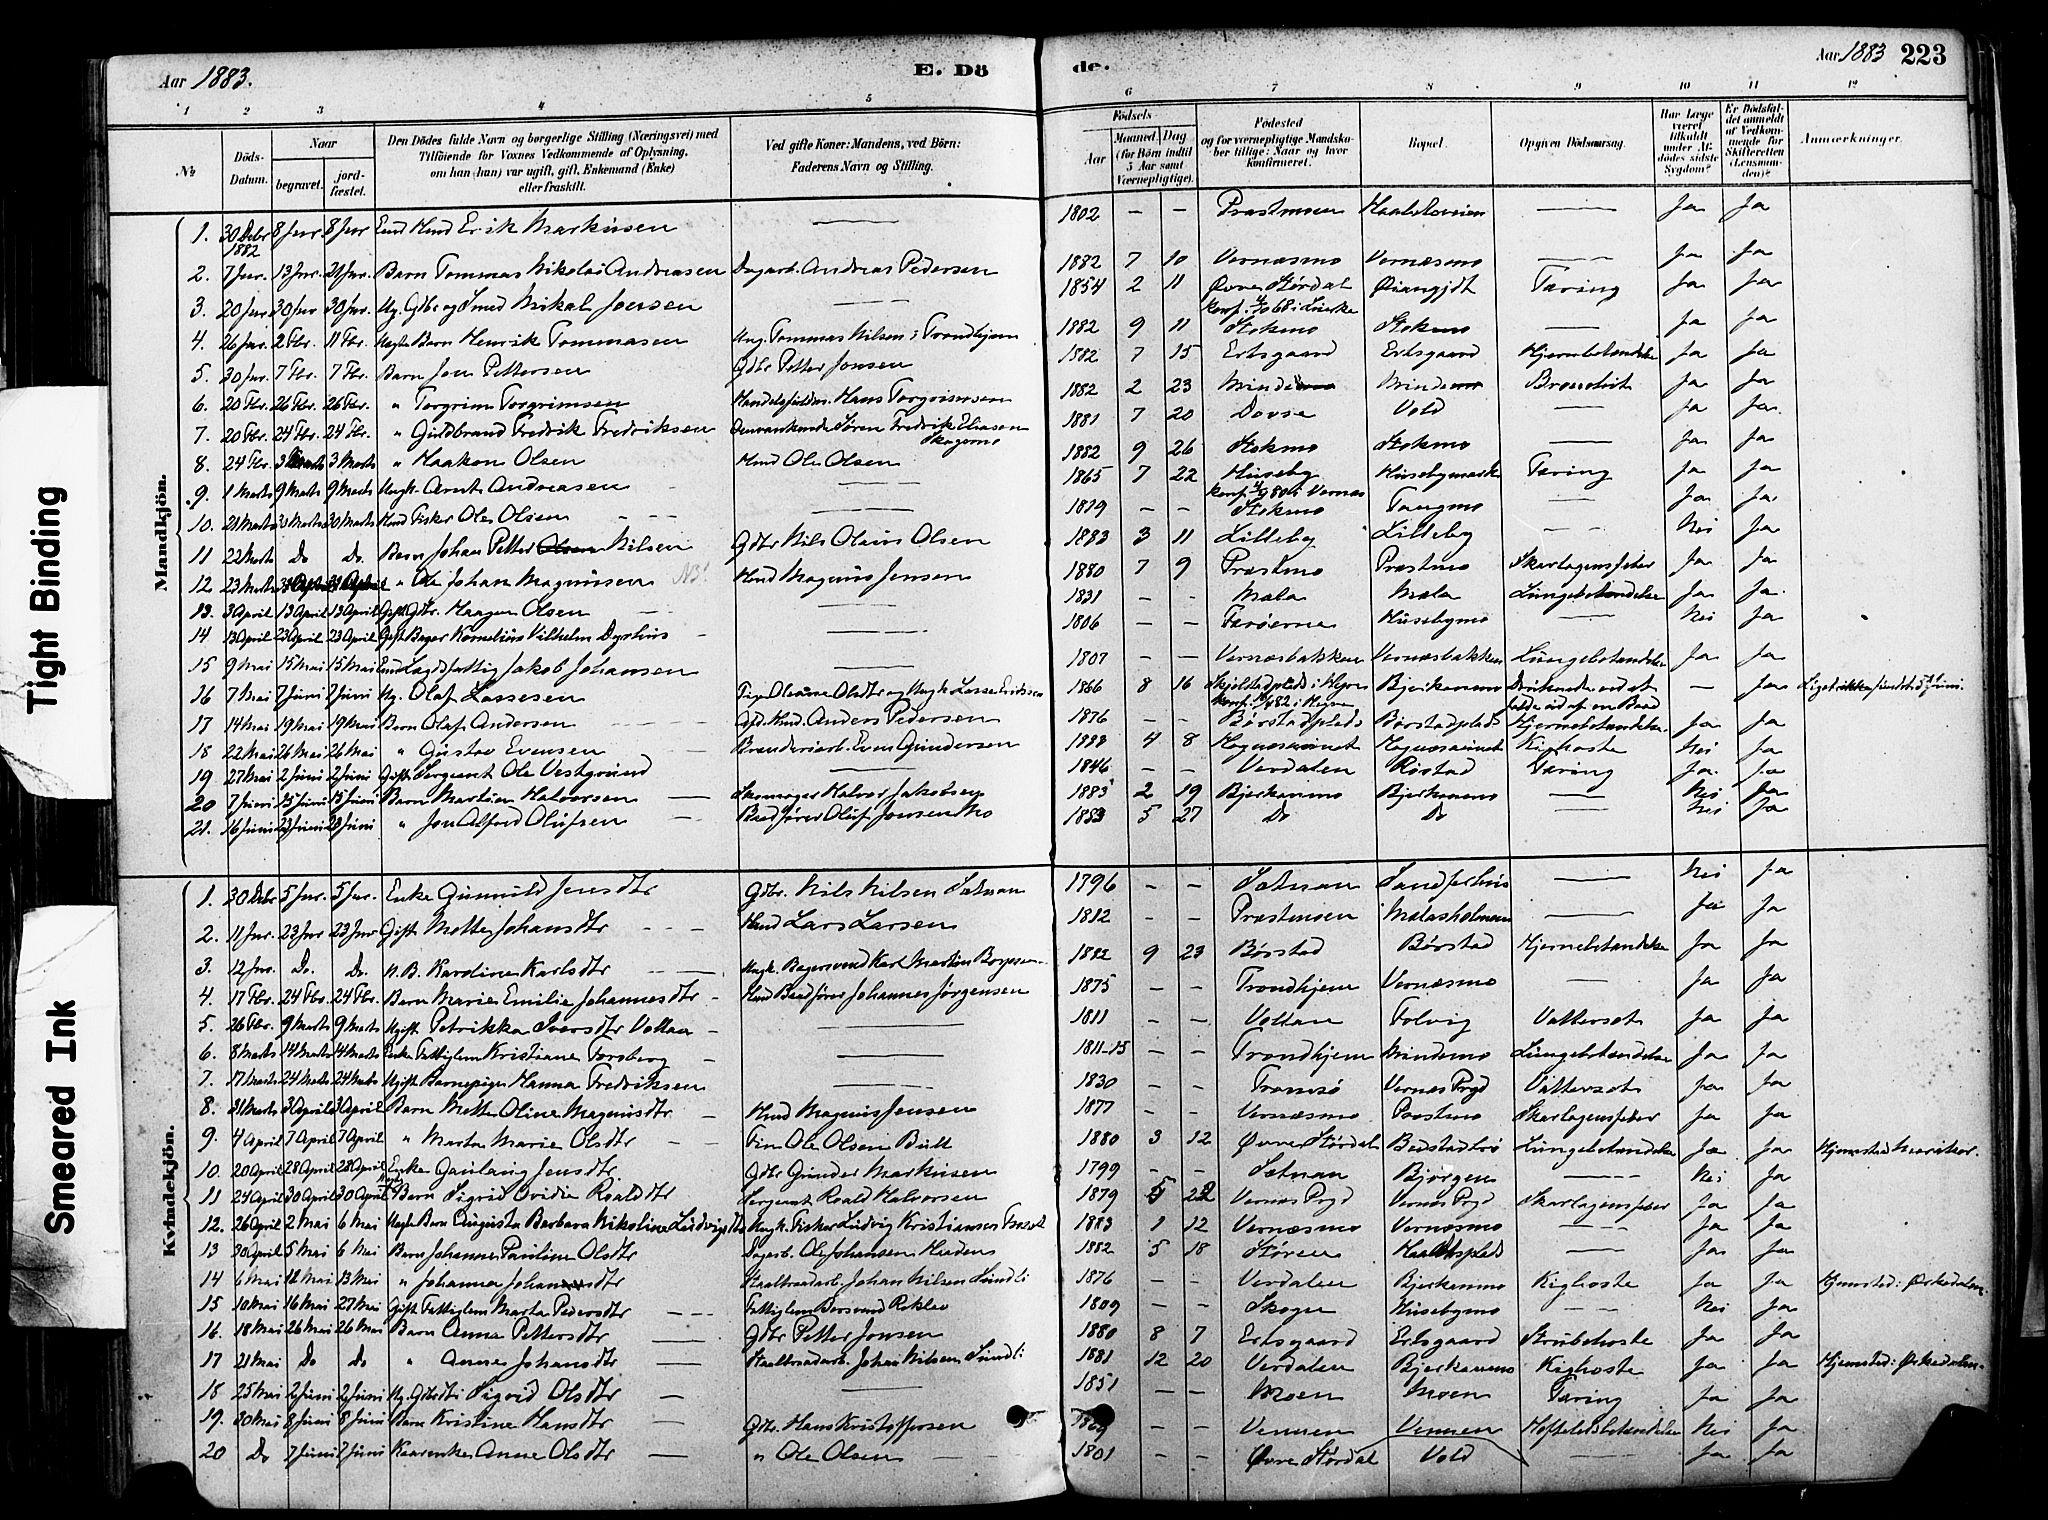 SAT, Ministerialprotokoller, klokkerbøker og fødselsregistre - Nord-Trøndelag, 709/L0077: Ministerialbok nr. 709A17, 1880-1895, s. 223